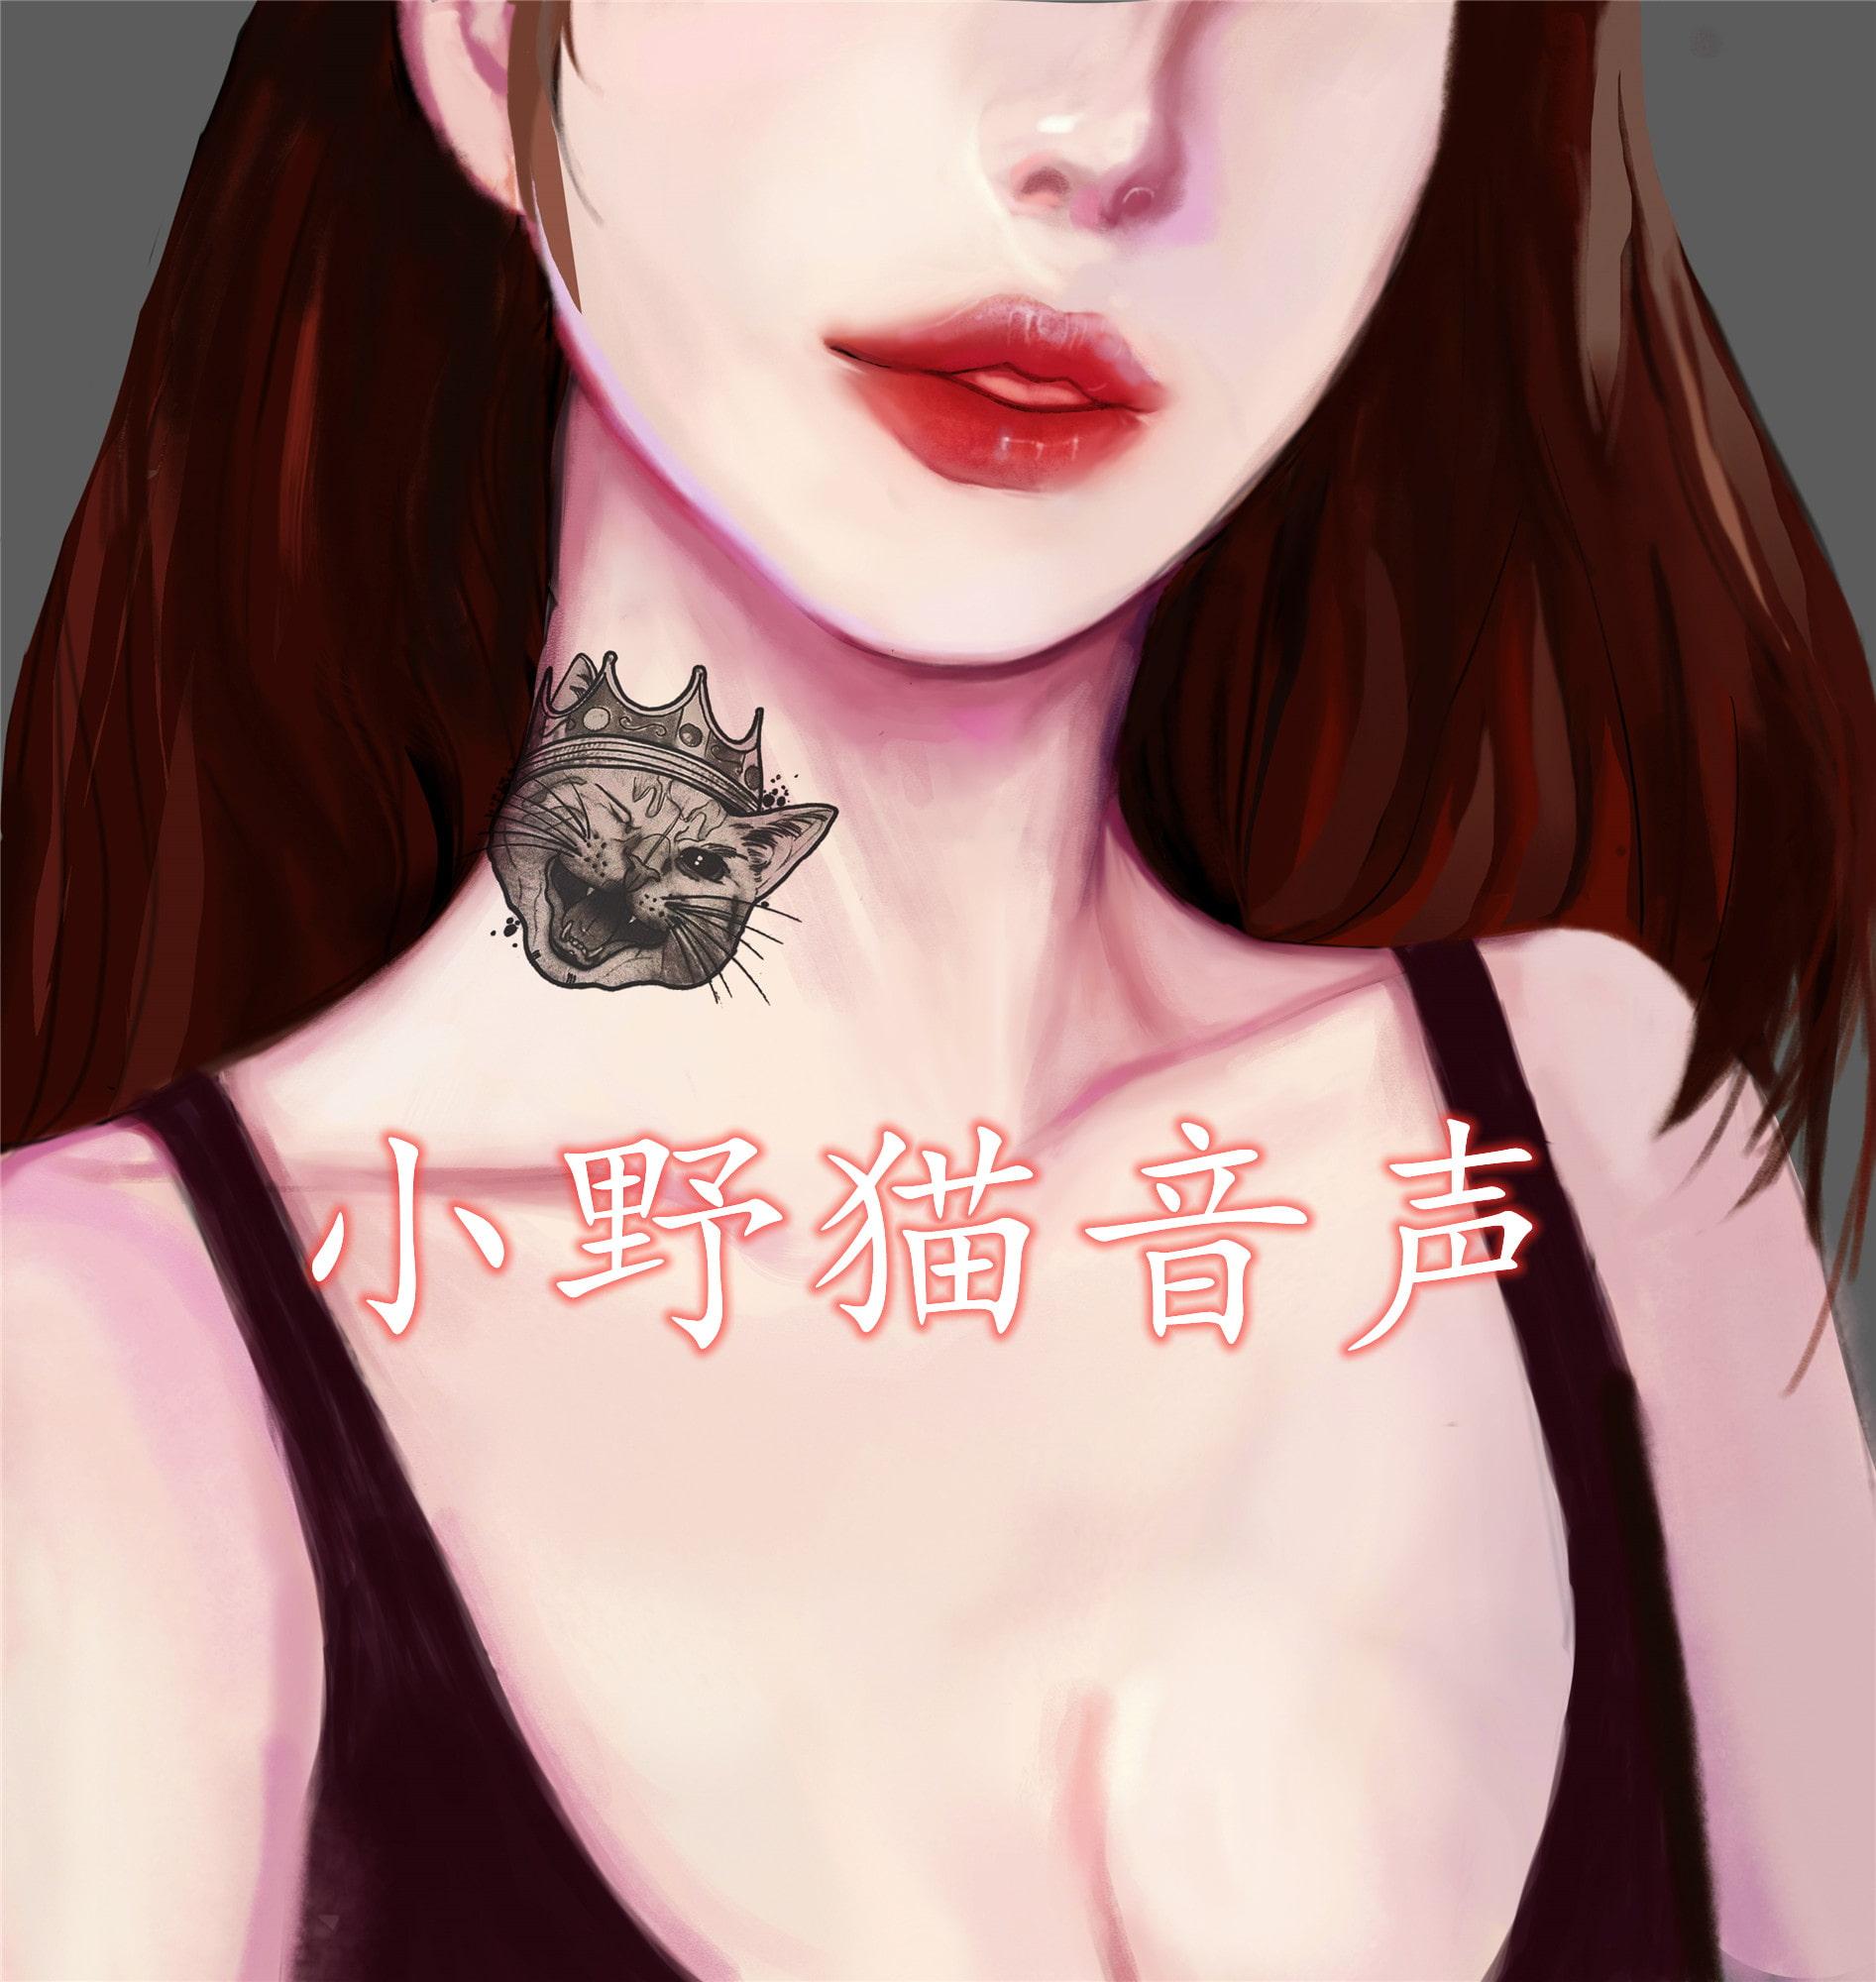 小野猫音声 美女教师的陷阱  CV梦瑶